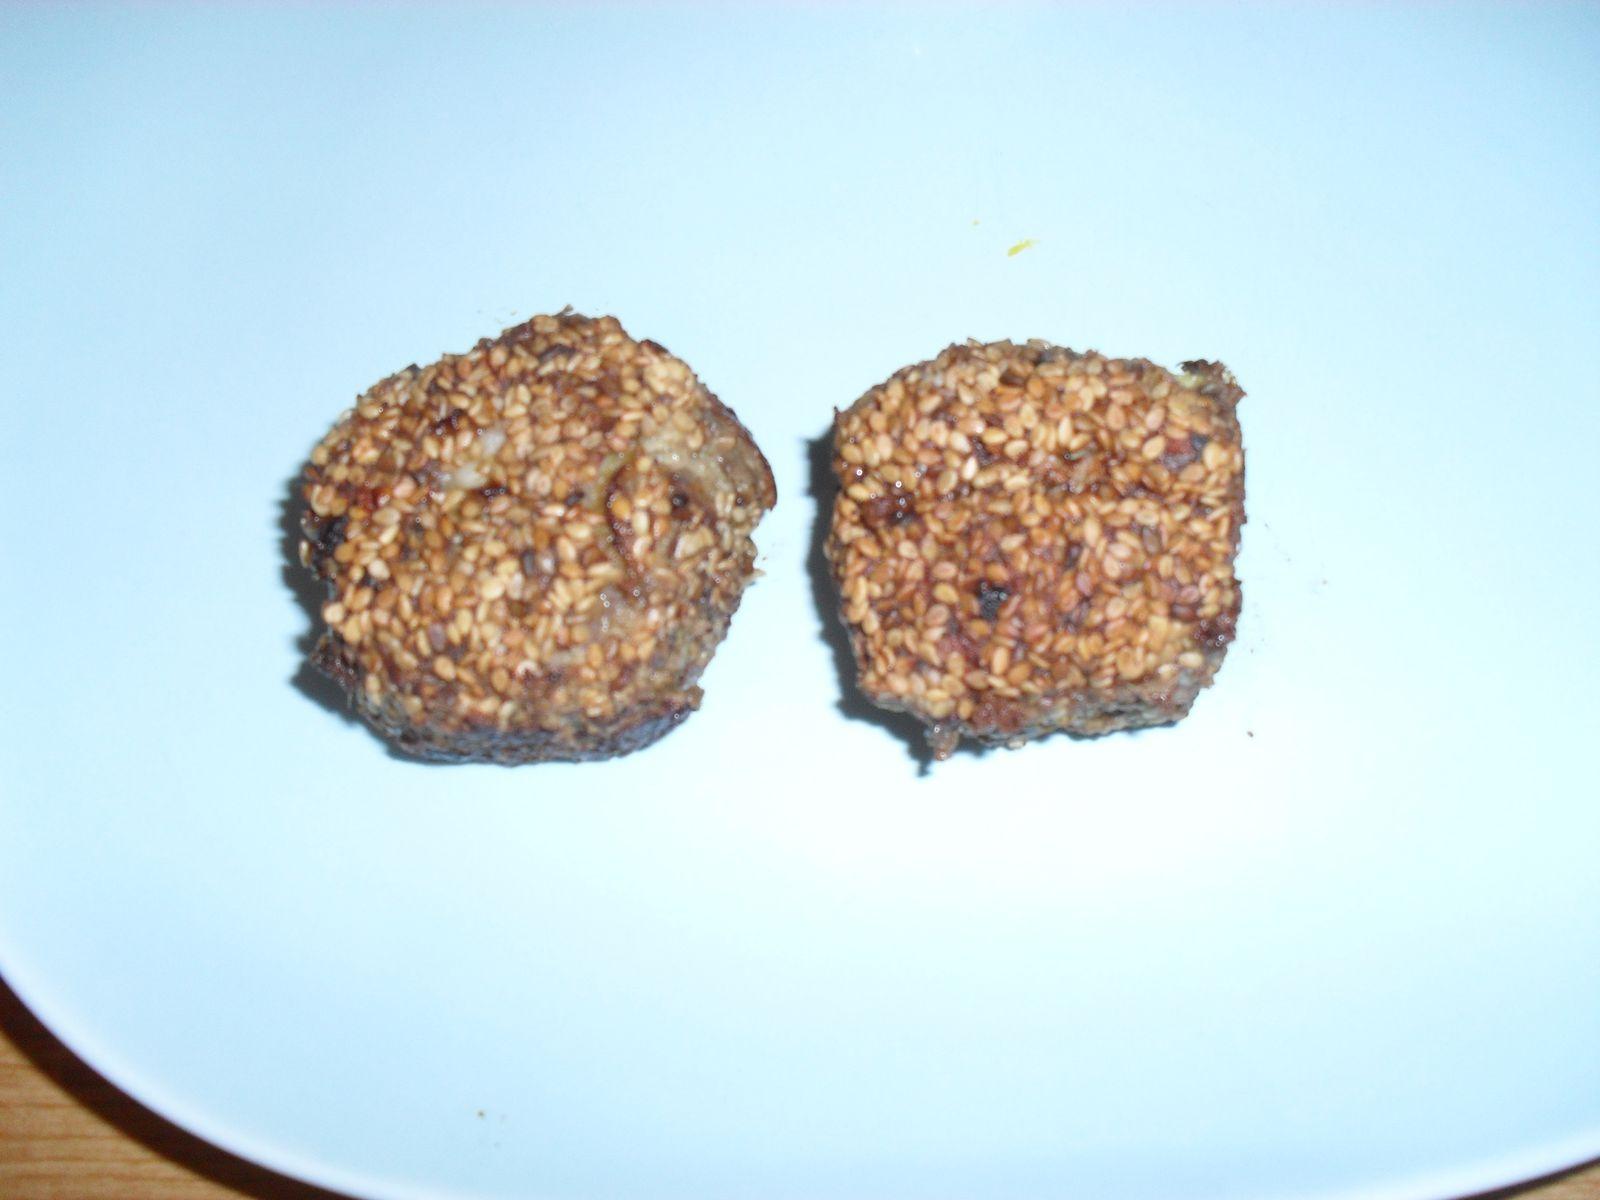 Boulettes de bœuf au comté, recette simple et rapide à réaliser